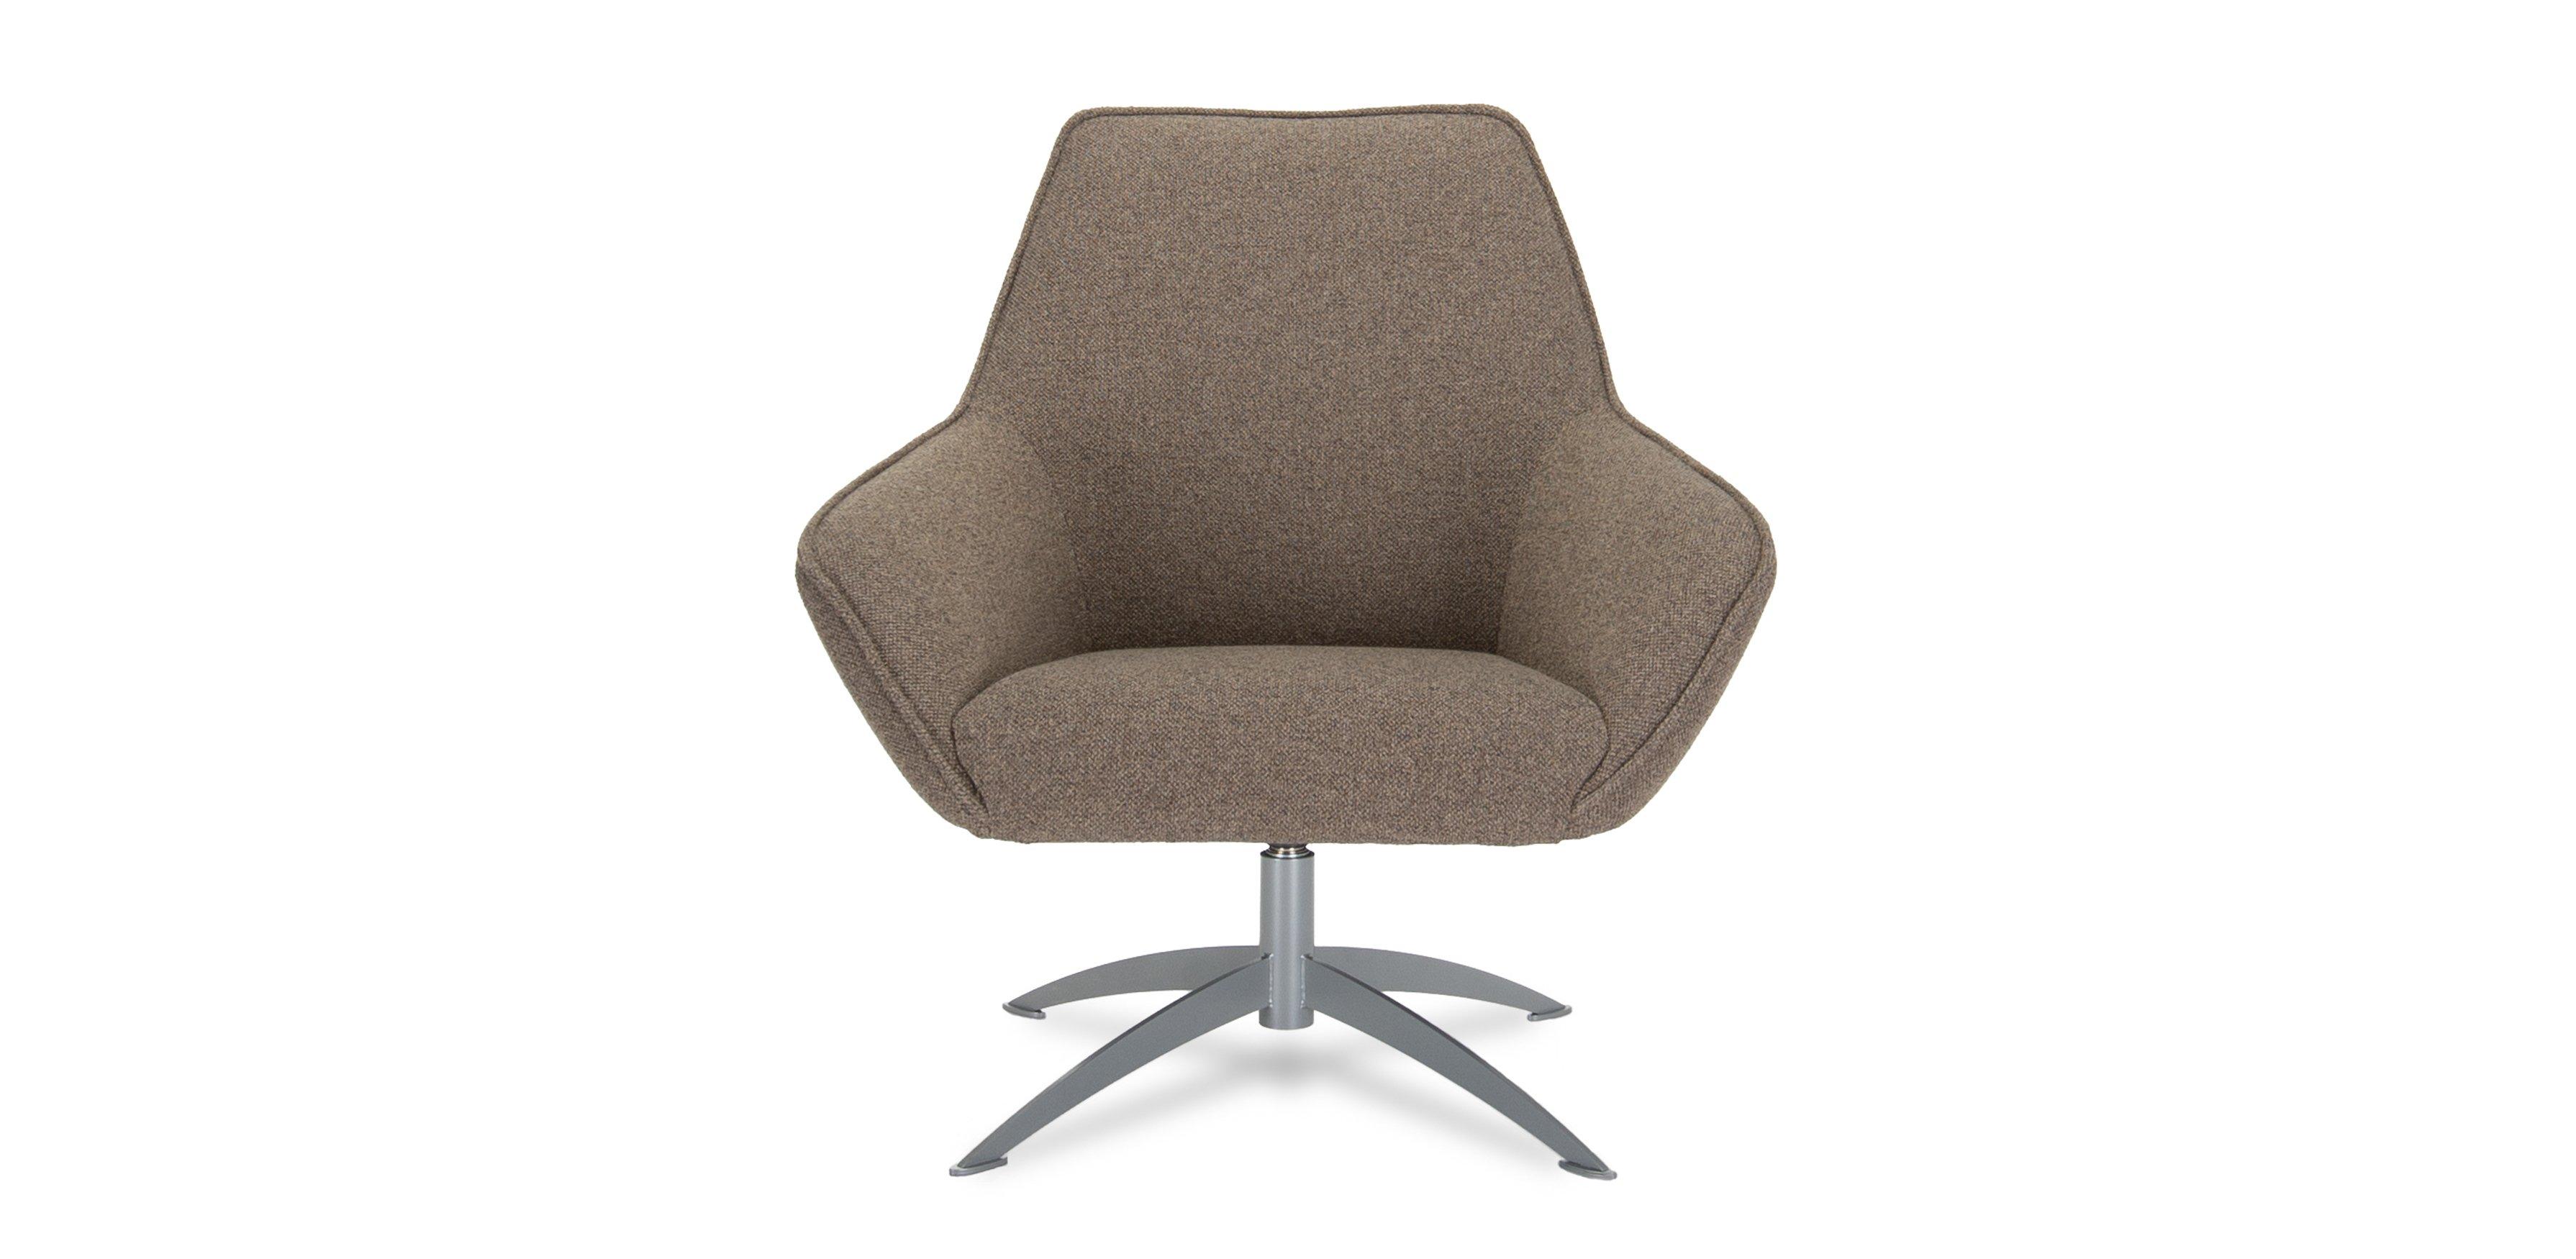 Faas fauteuil DYYK 3580x1750 1